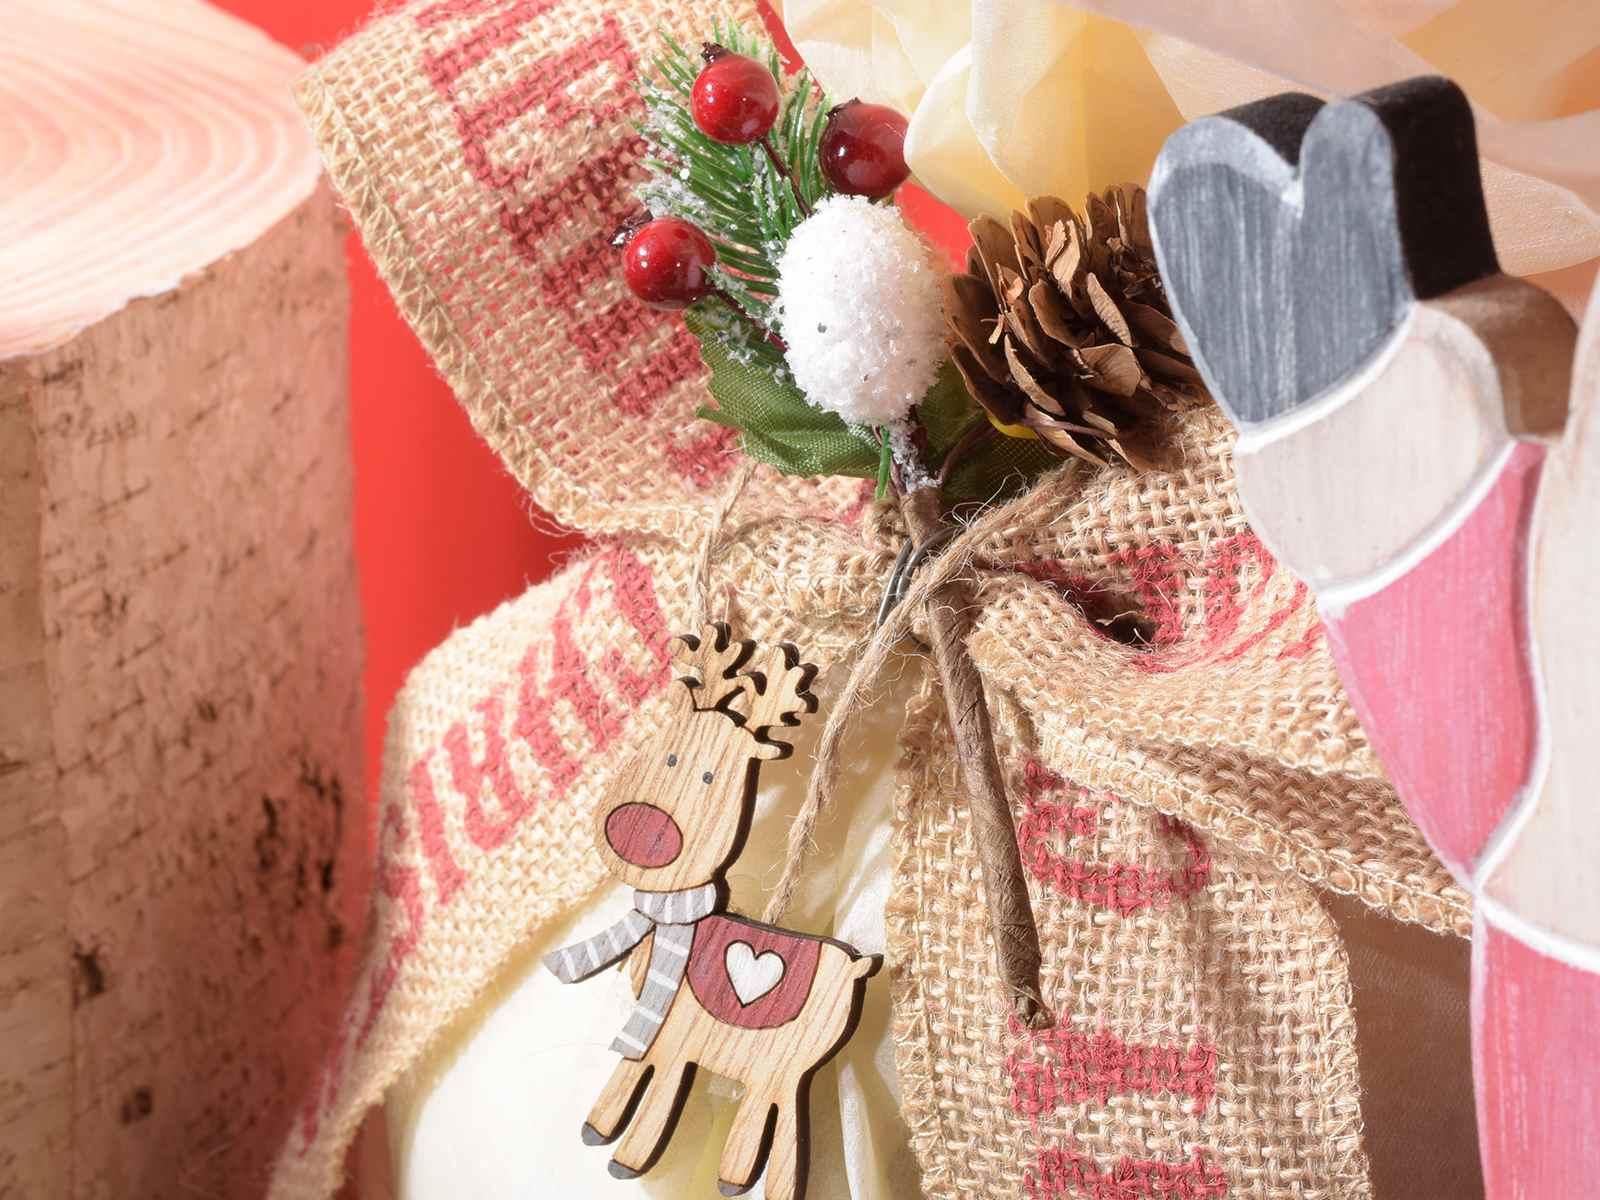 Espo 72 decorazioni in legno colorato da appendere for Decorazioni natalizie in legno da appendere